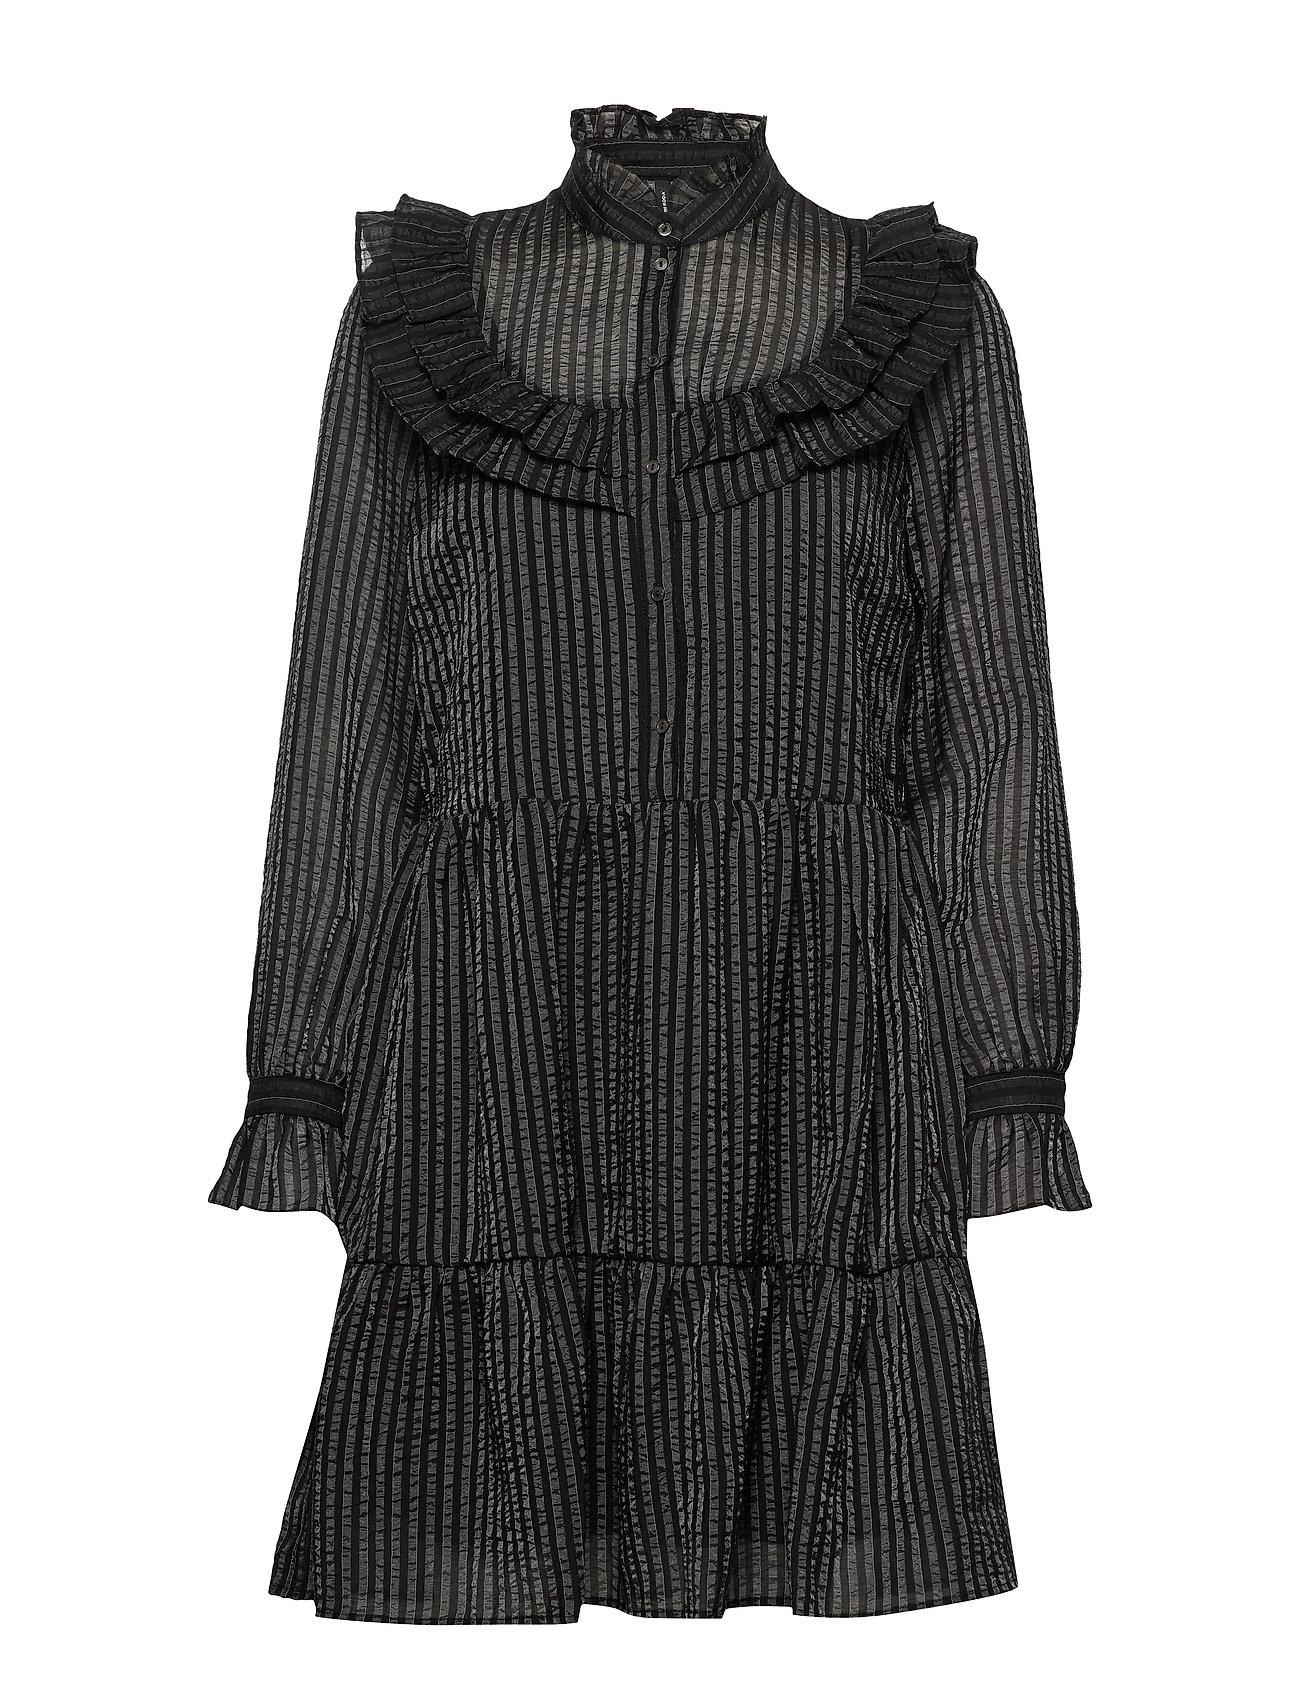 Vero Moda VMJULIA L/S SHORT DRESS SB2 - BLACK